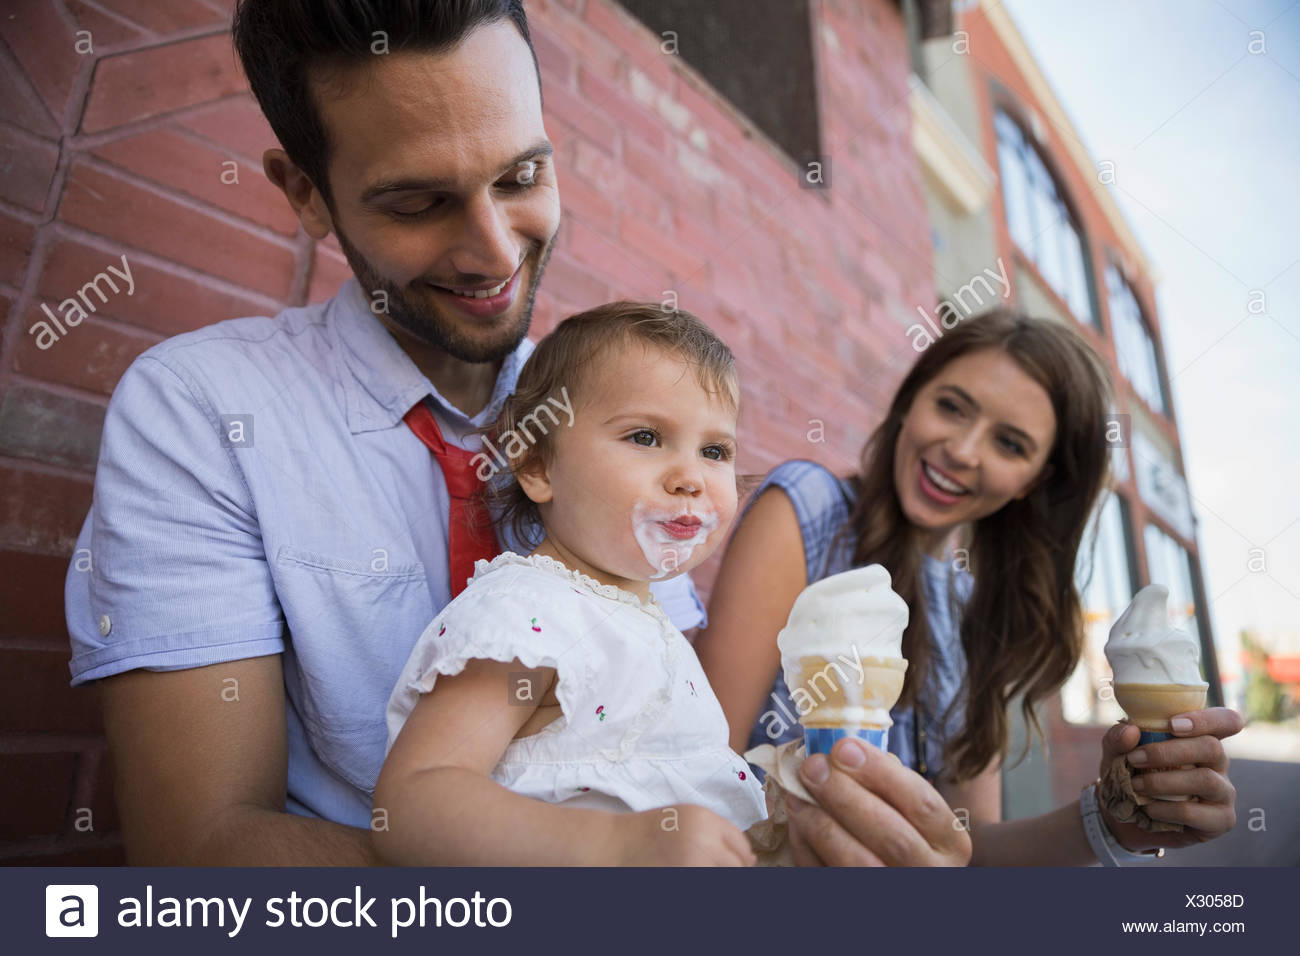 Père holding daughter avec glace crème visage malpropre Photo Stock